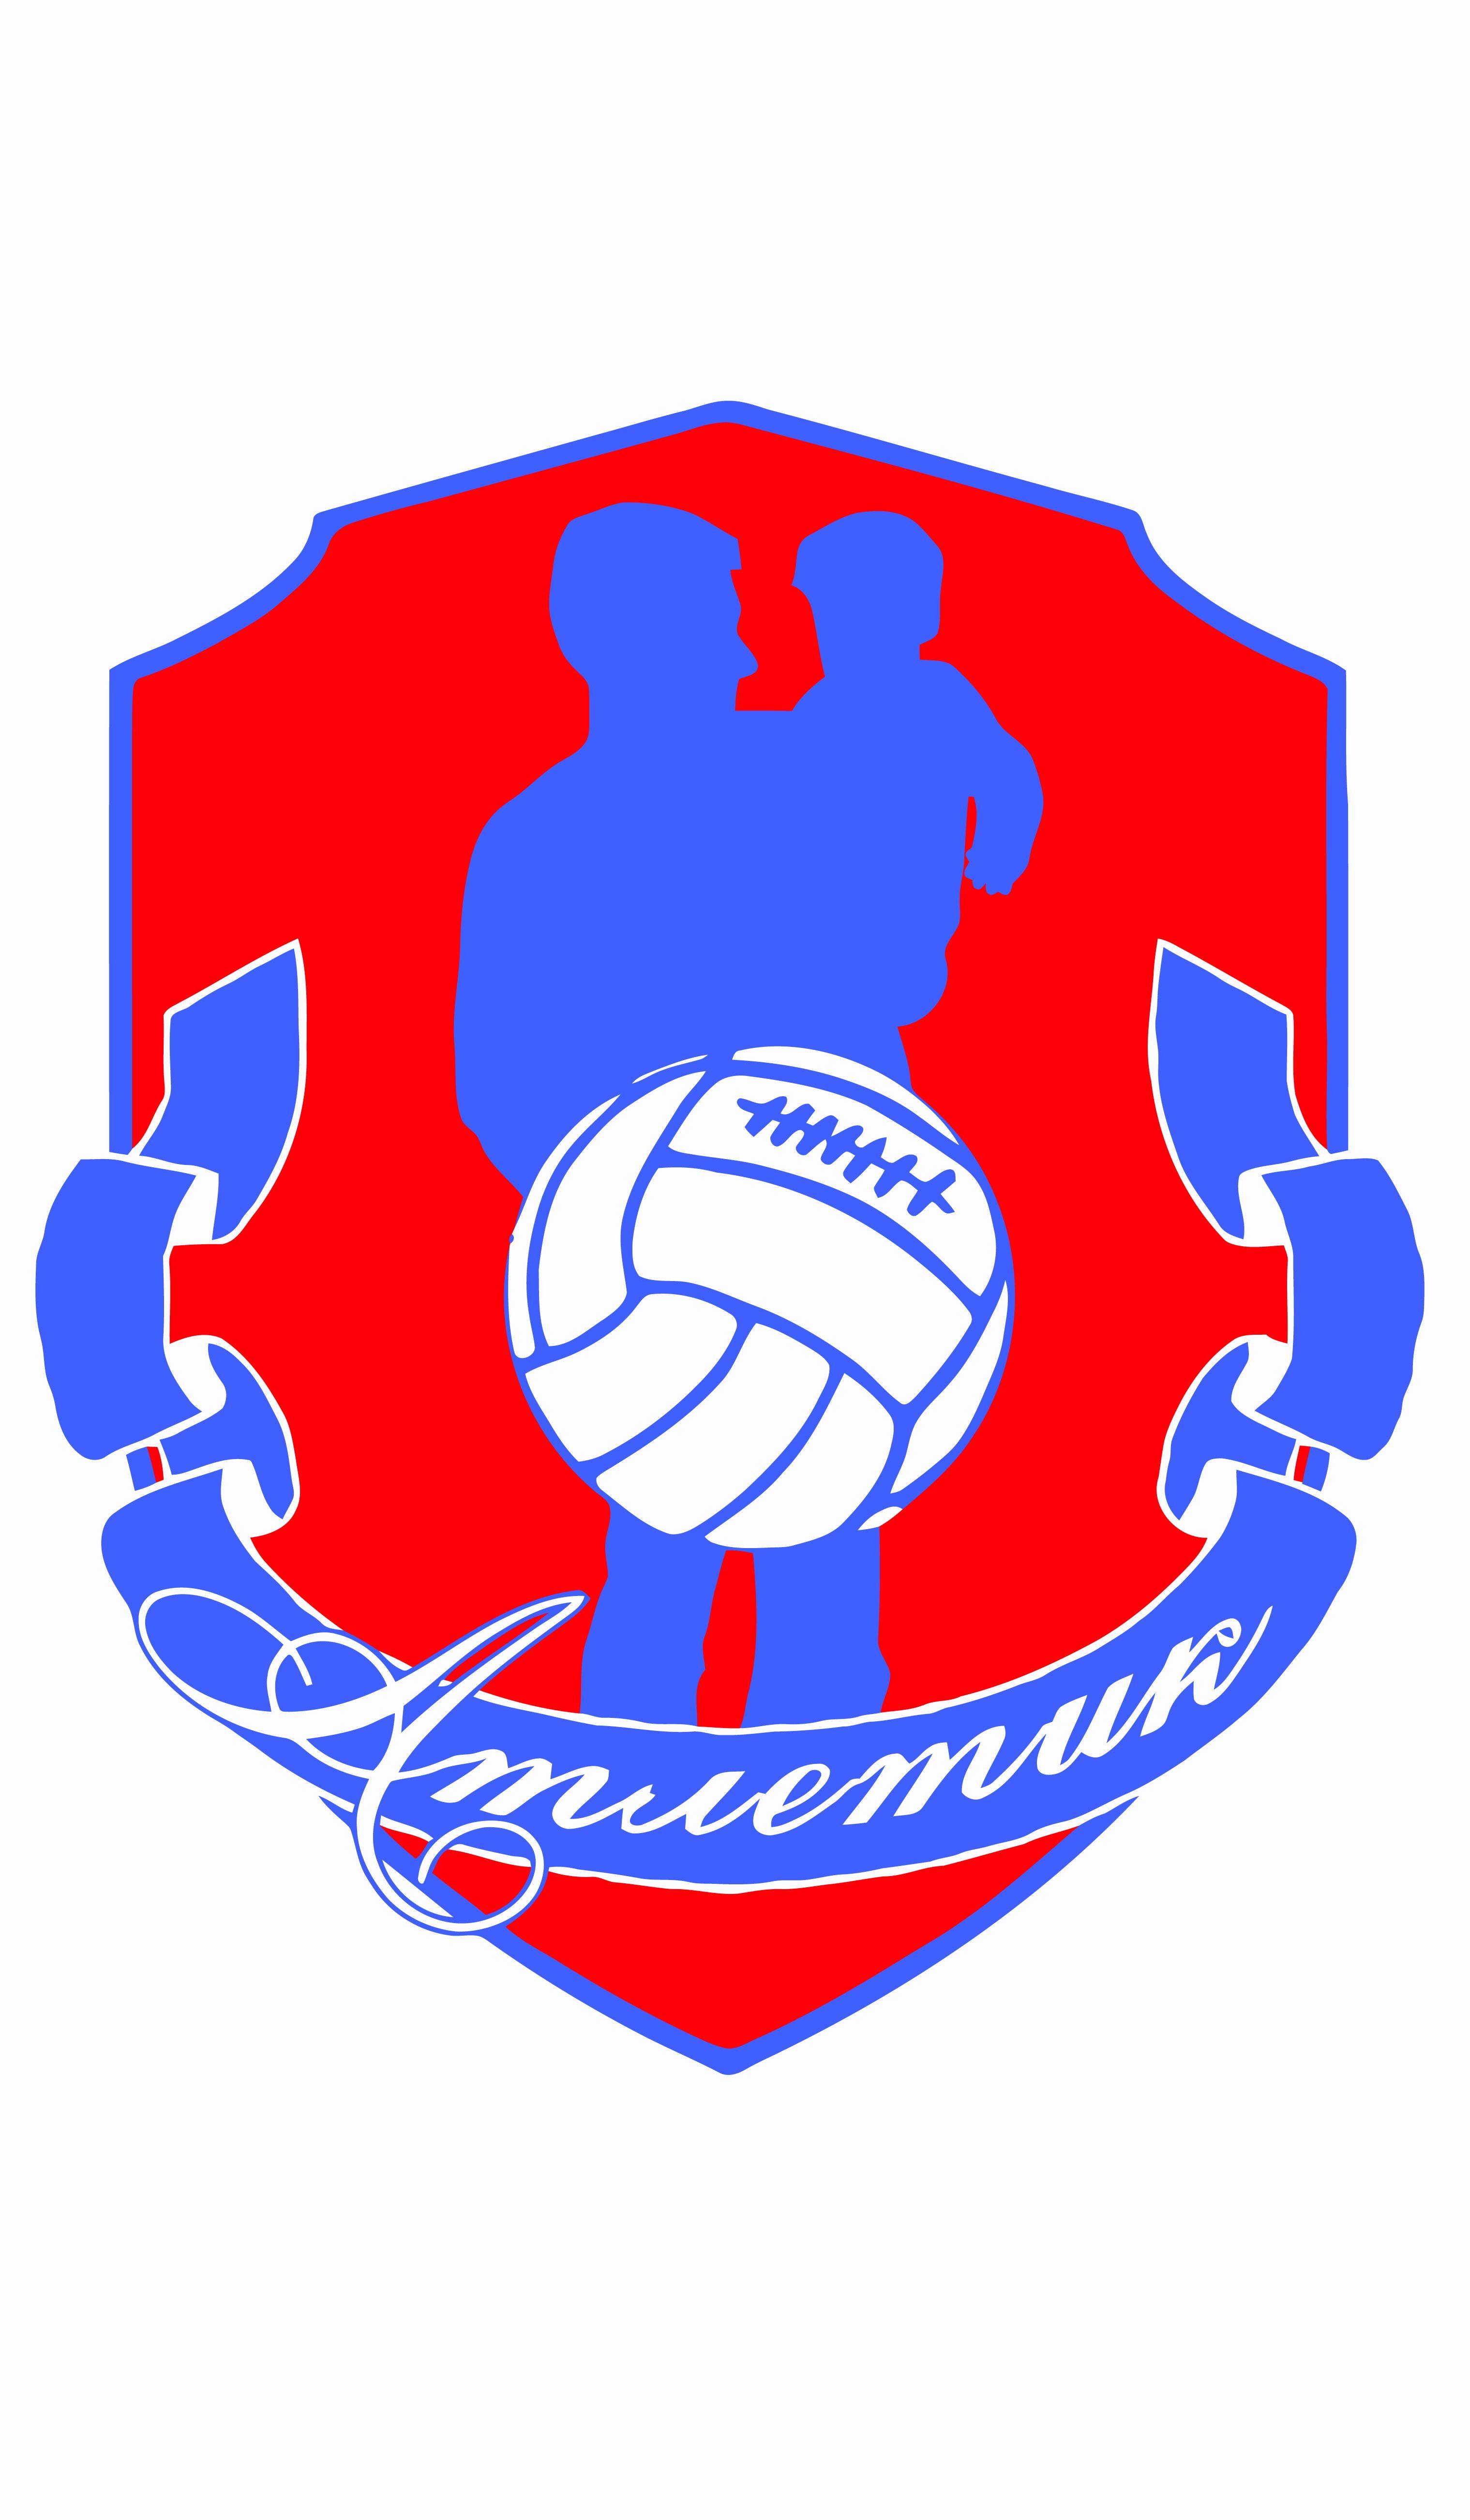 Логотип для Футбольного клуба  - дизайнер scratcherz